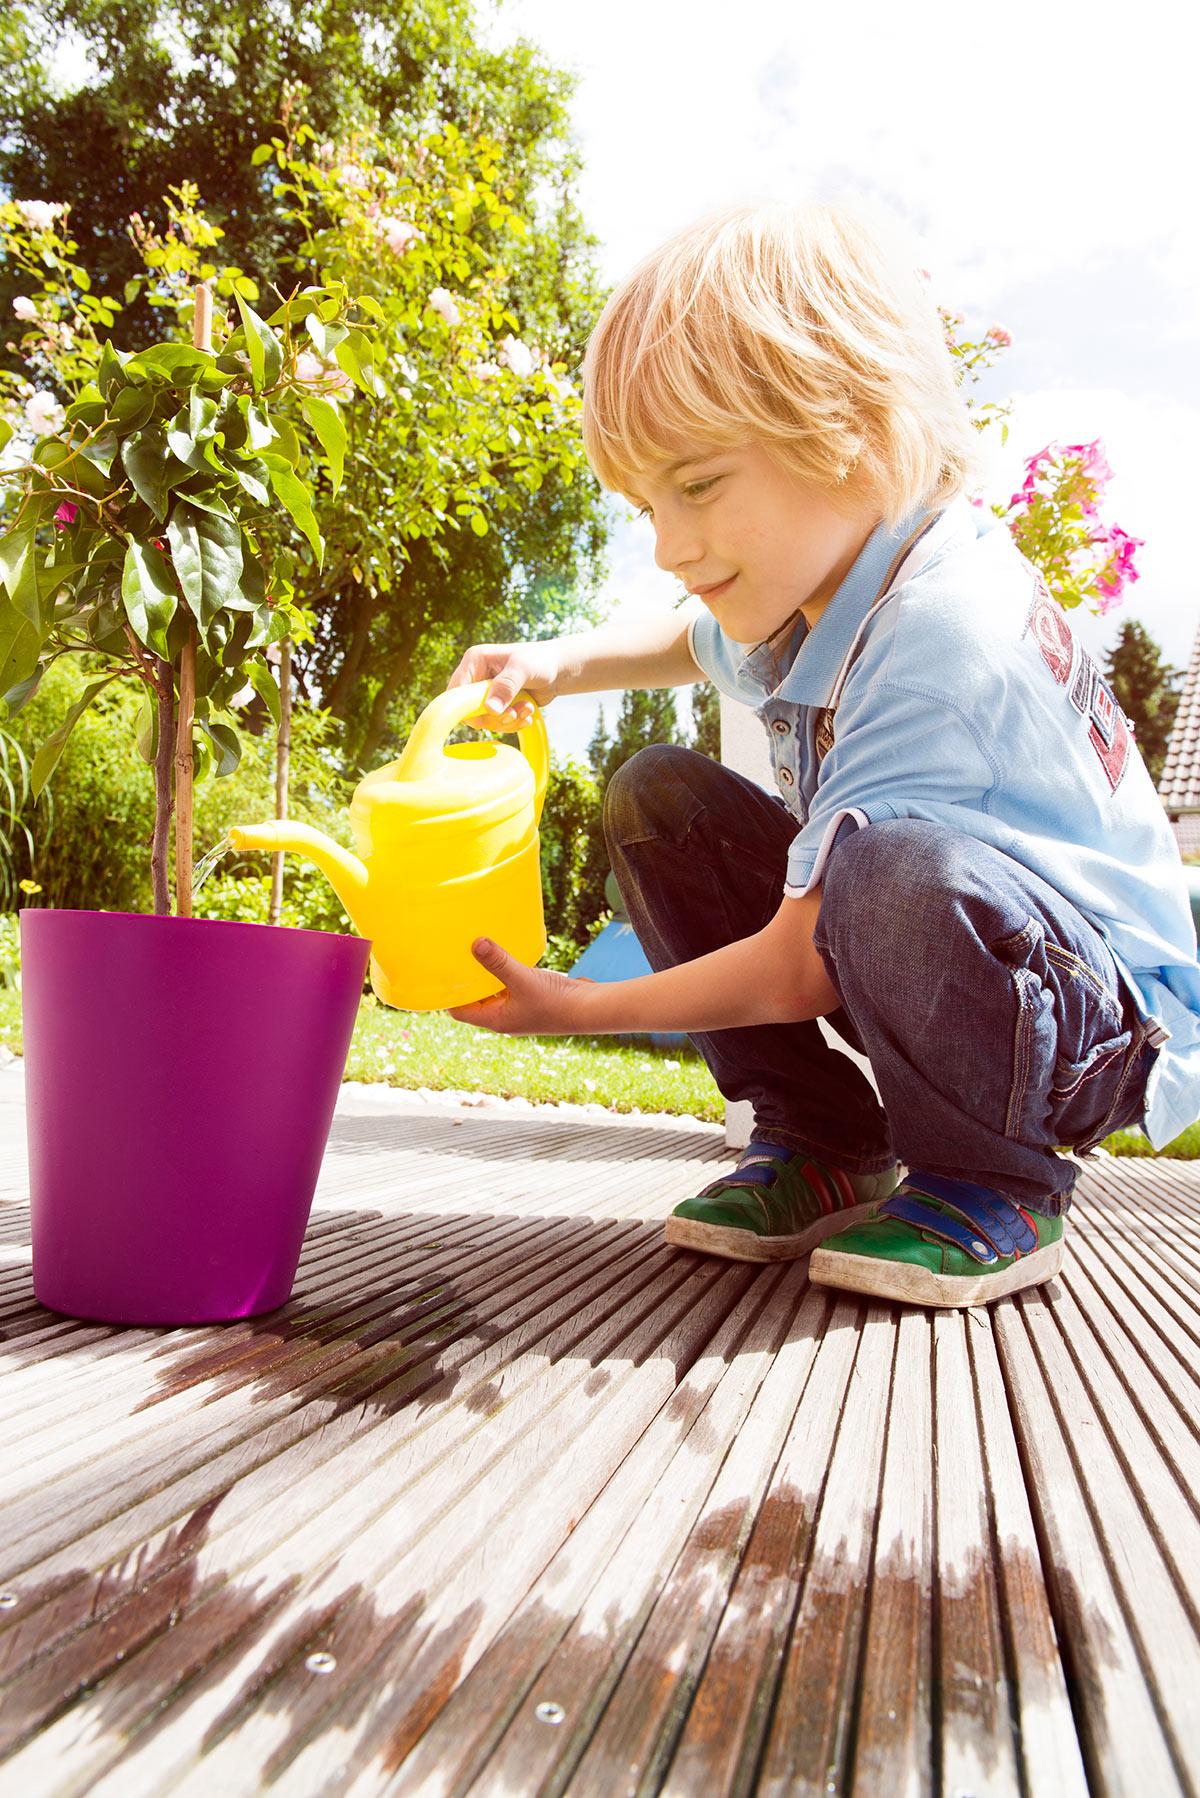 Familienfotografie Honeylight : Ein junges Kind gießt im Garten Blumen.